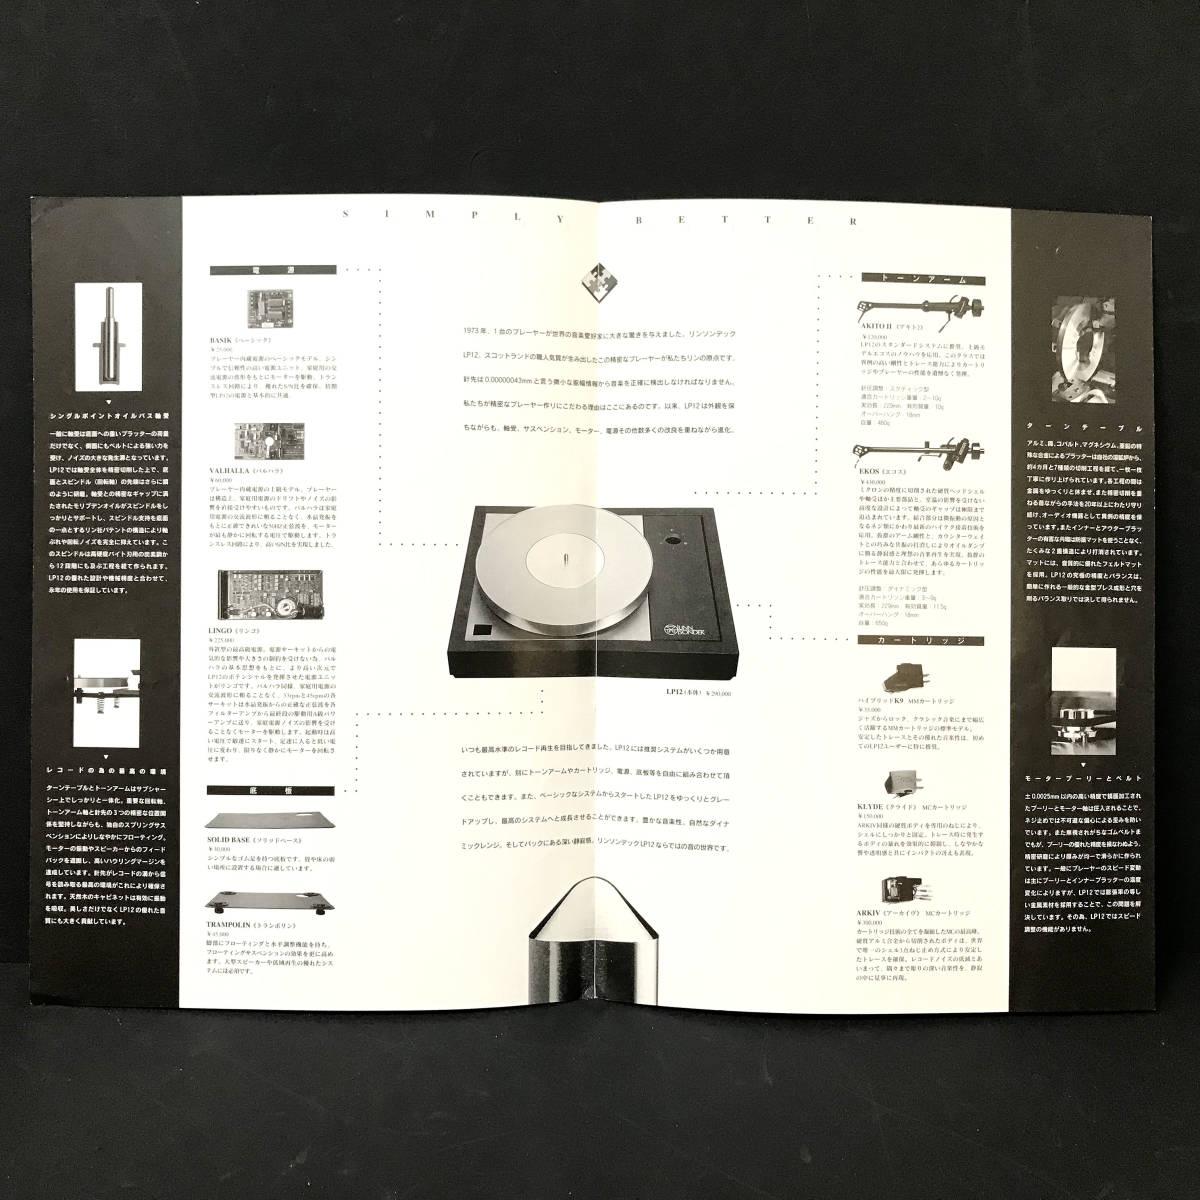 【カタログ】LINN SONDEK LP12 ターンテーブル レコードプレーヤー カタログ コレクション _画像2